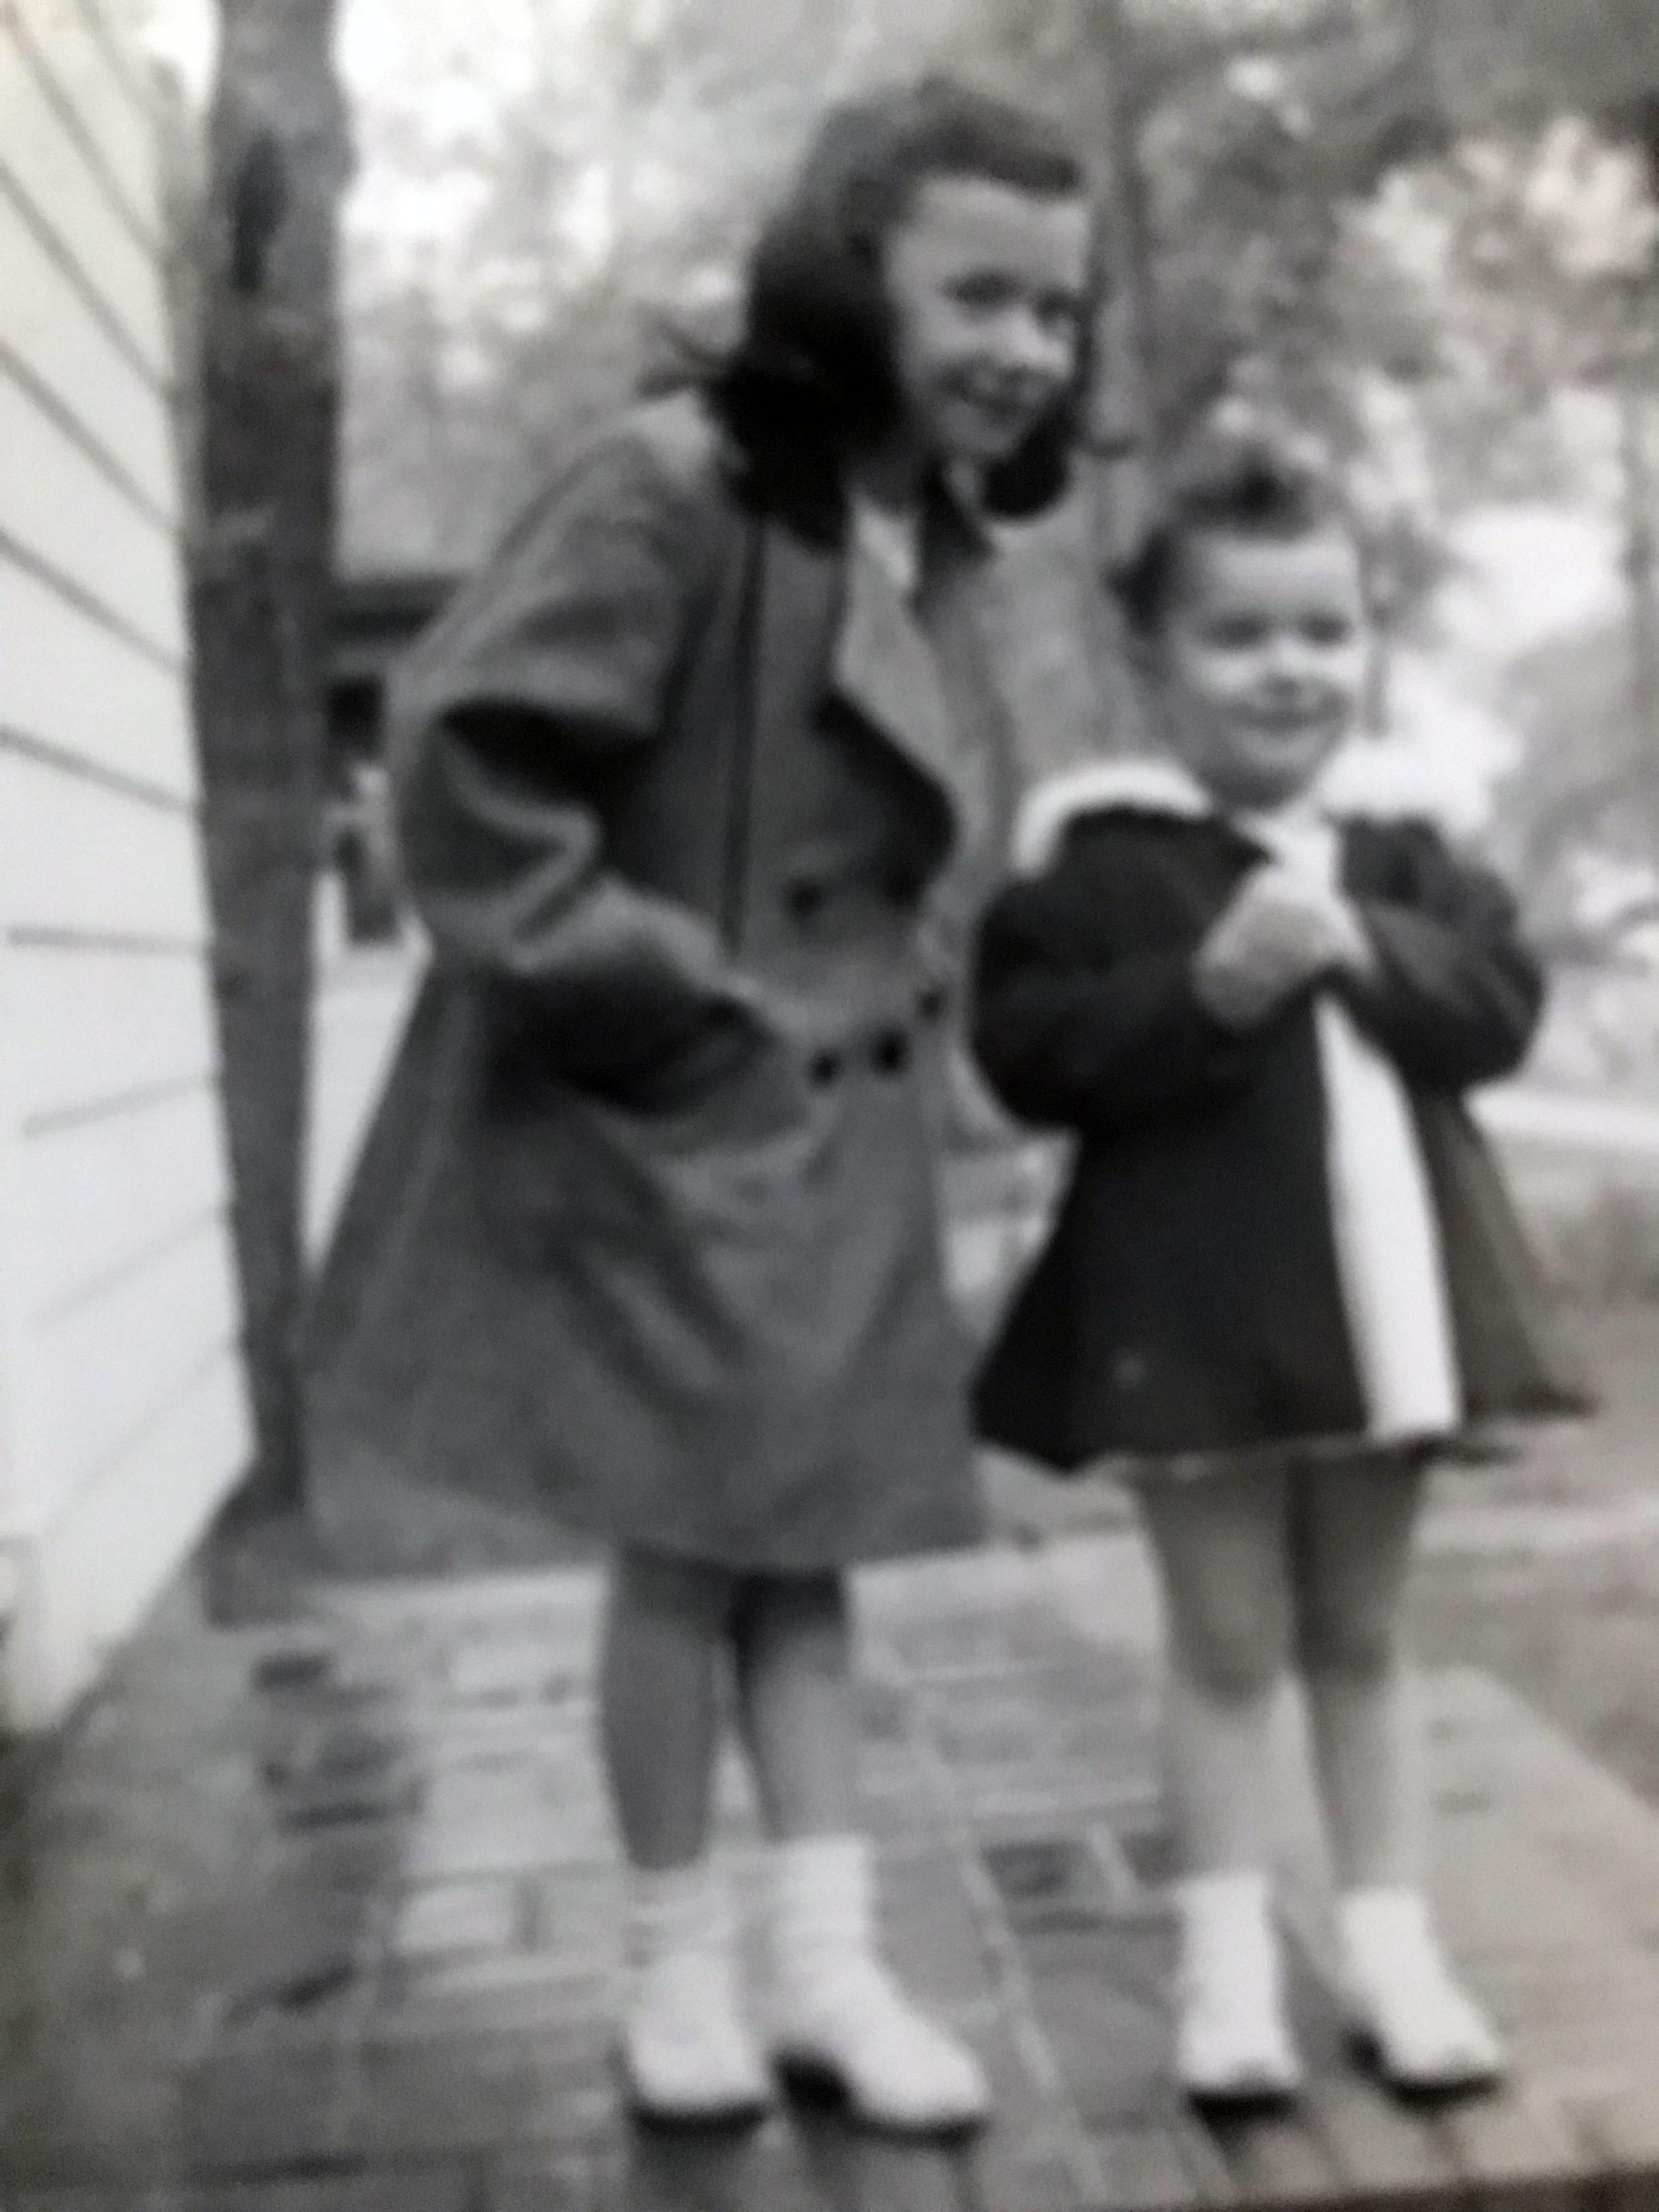 Darlene & Ann Englert, 1947 (image copyright, W.L. and D.K. Talbott Trust)